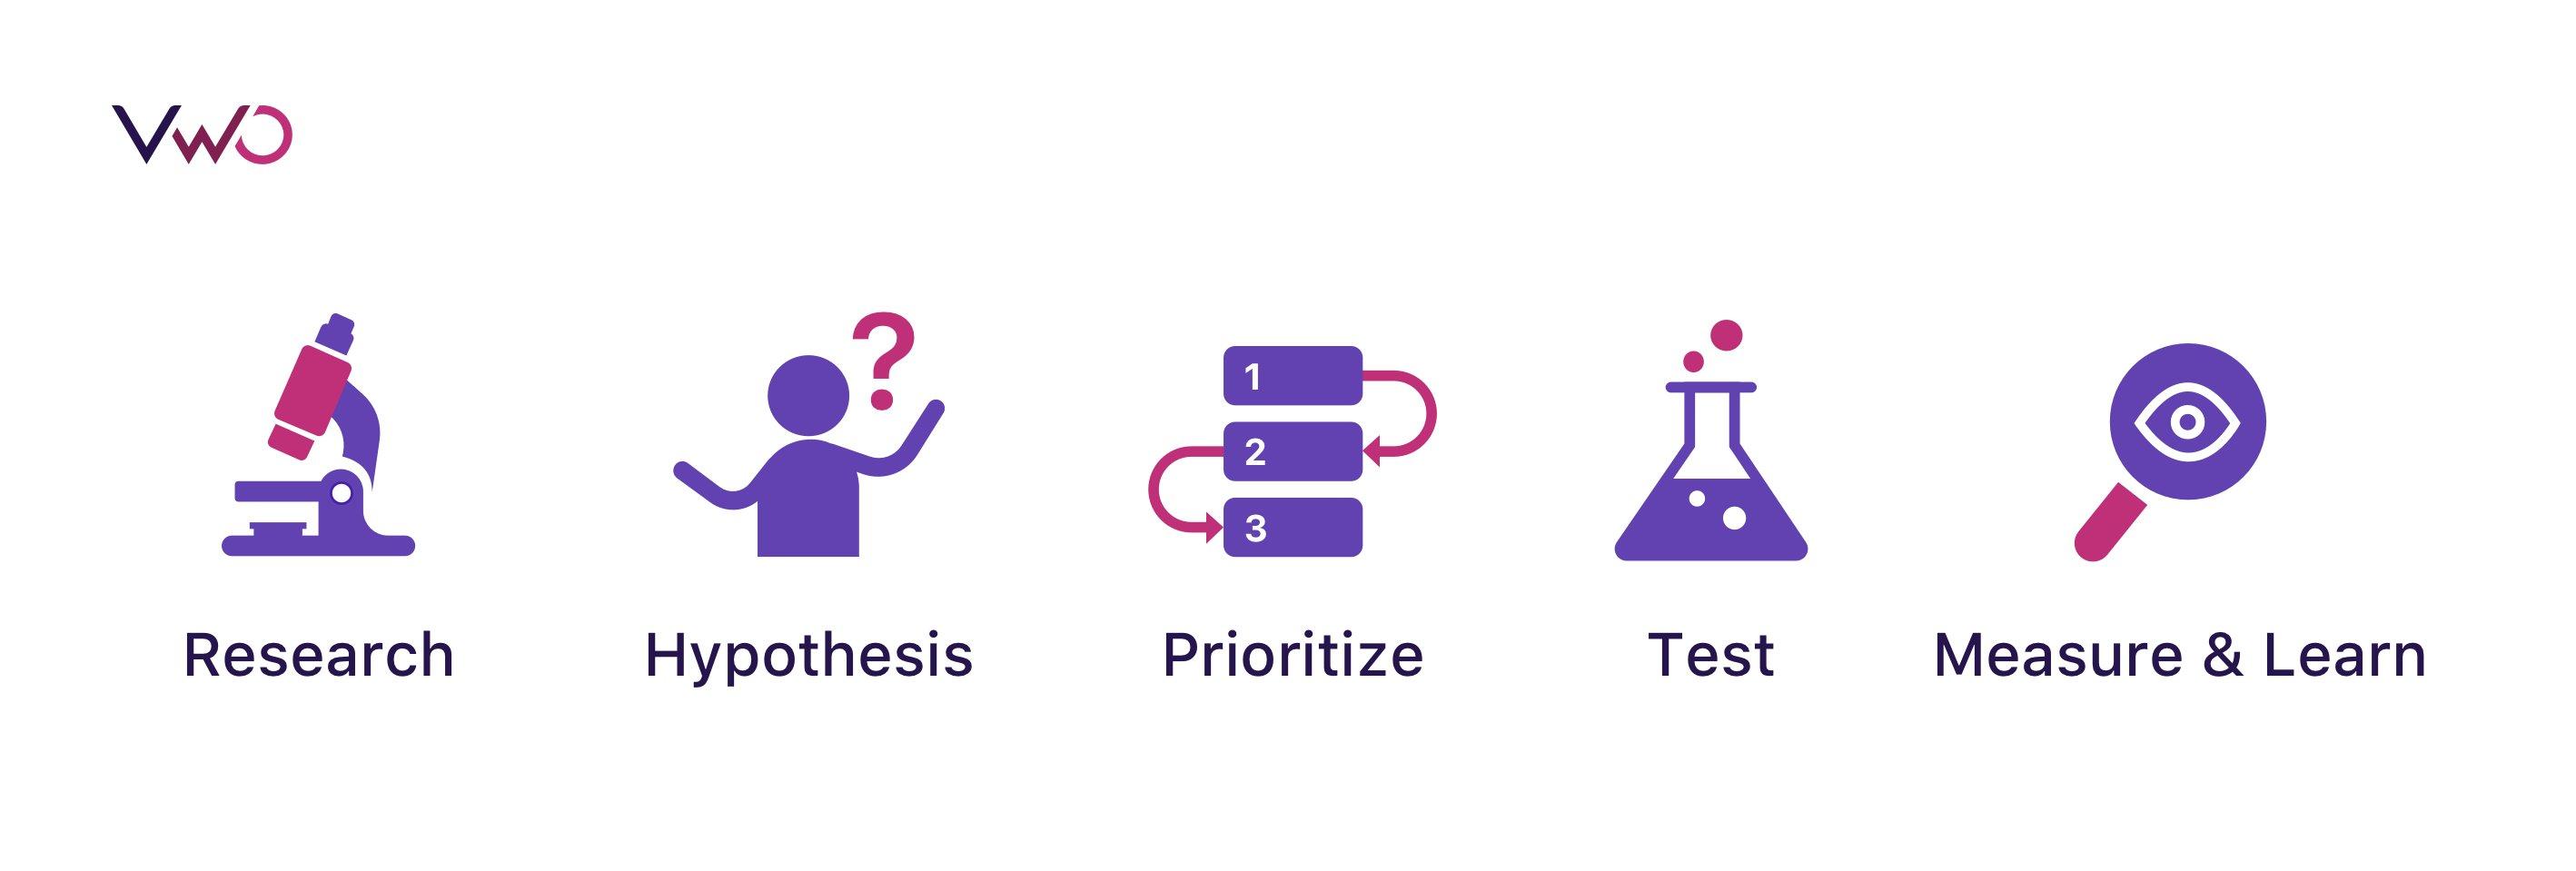 Framework For Improving Ux